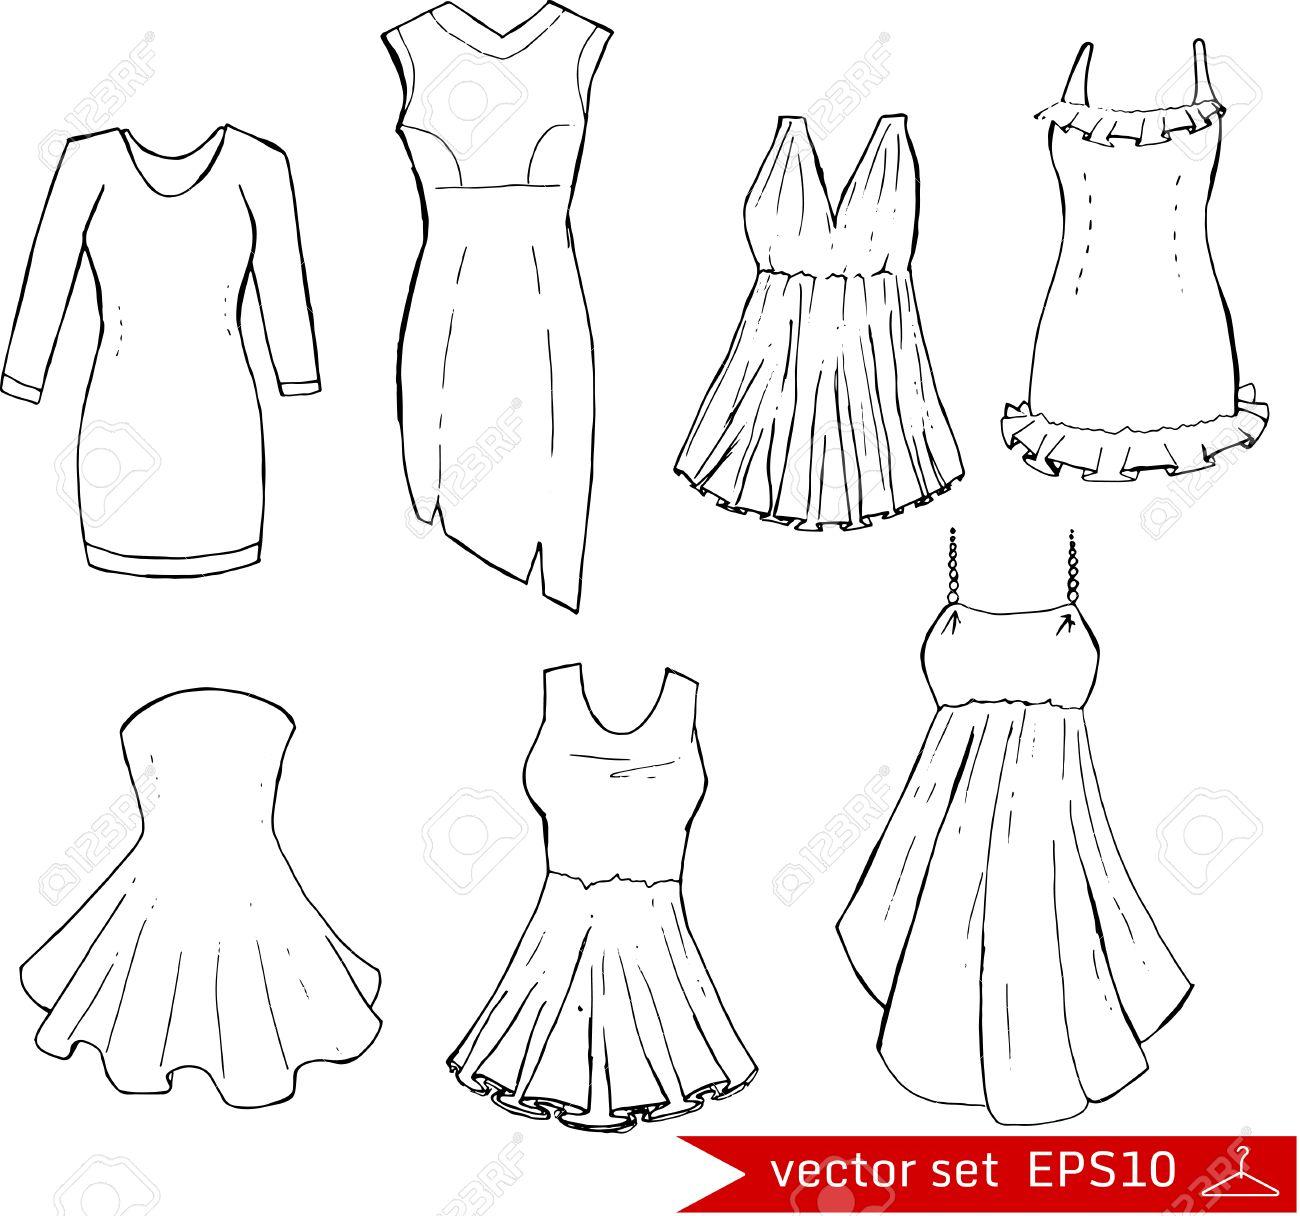 Establece La Moda Diferentes Vestidos Ilustración En Estilo De Dibujo A Mano